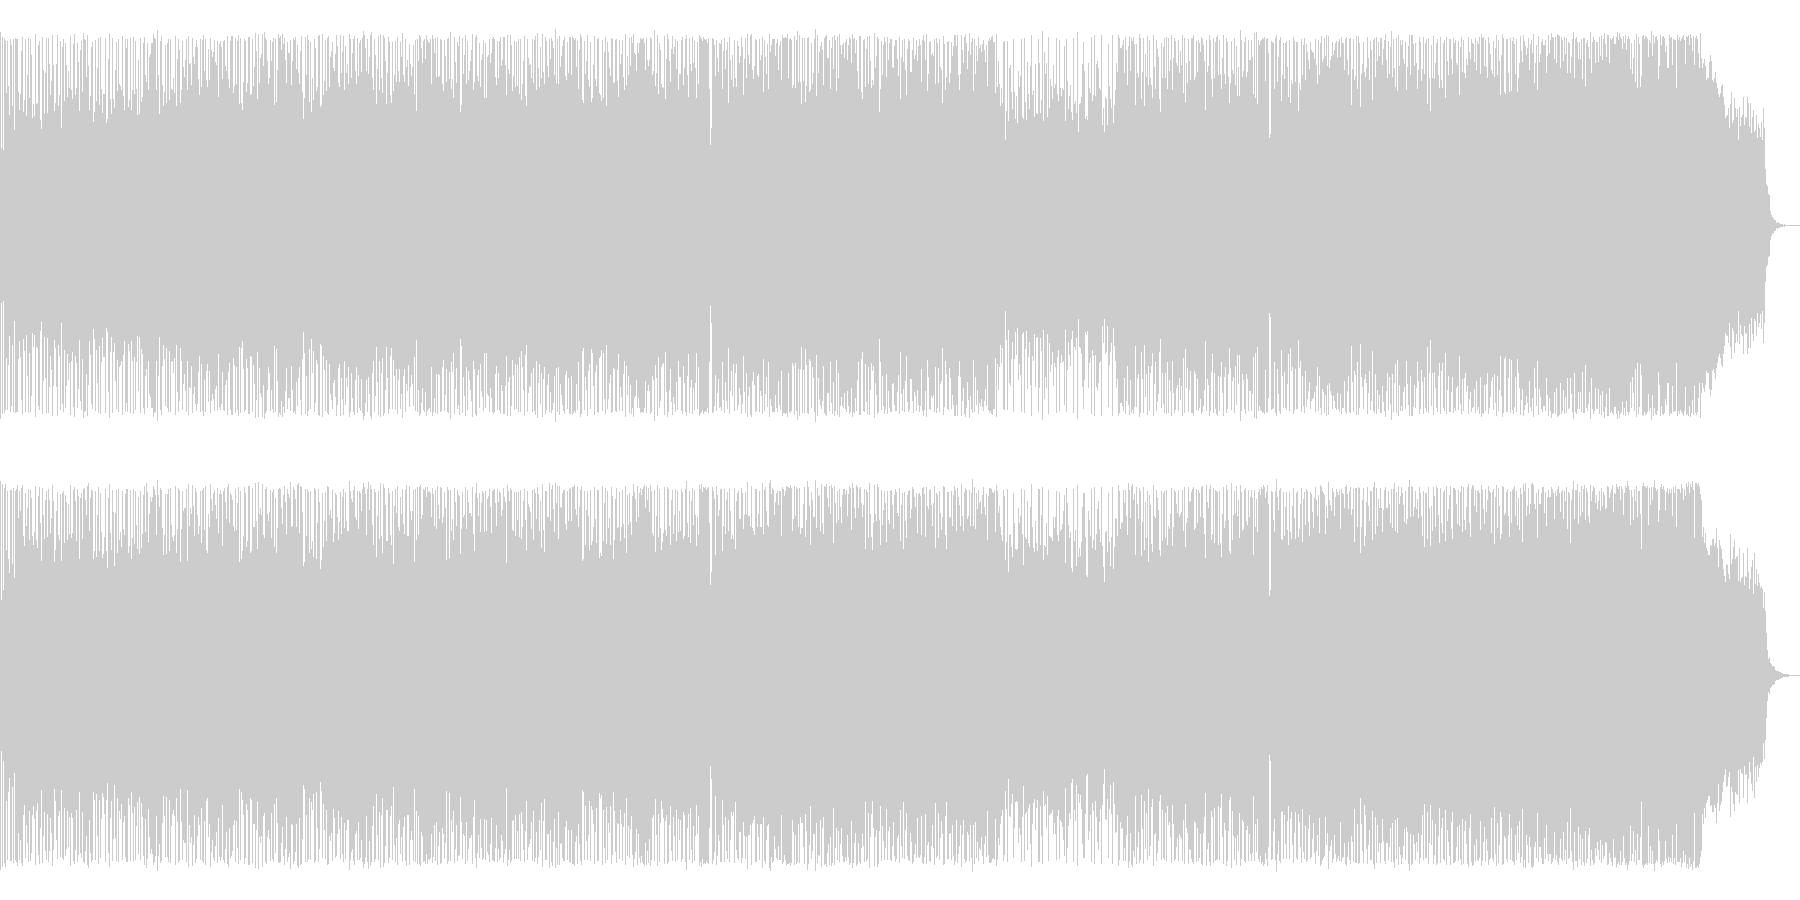 壮大で感動的なメロディアスハードロックの未再生の波形